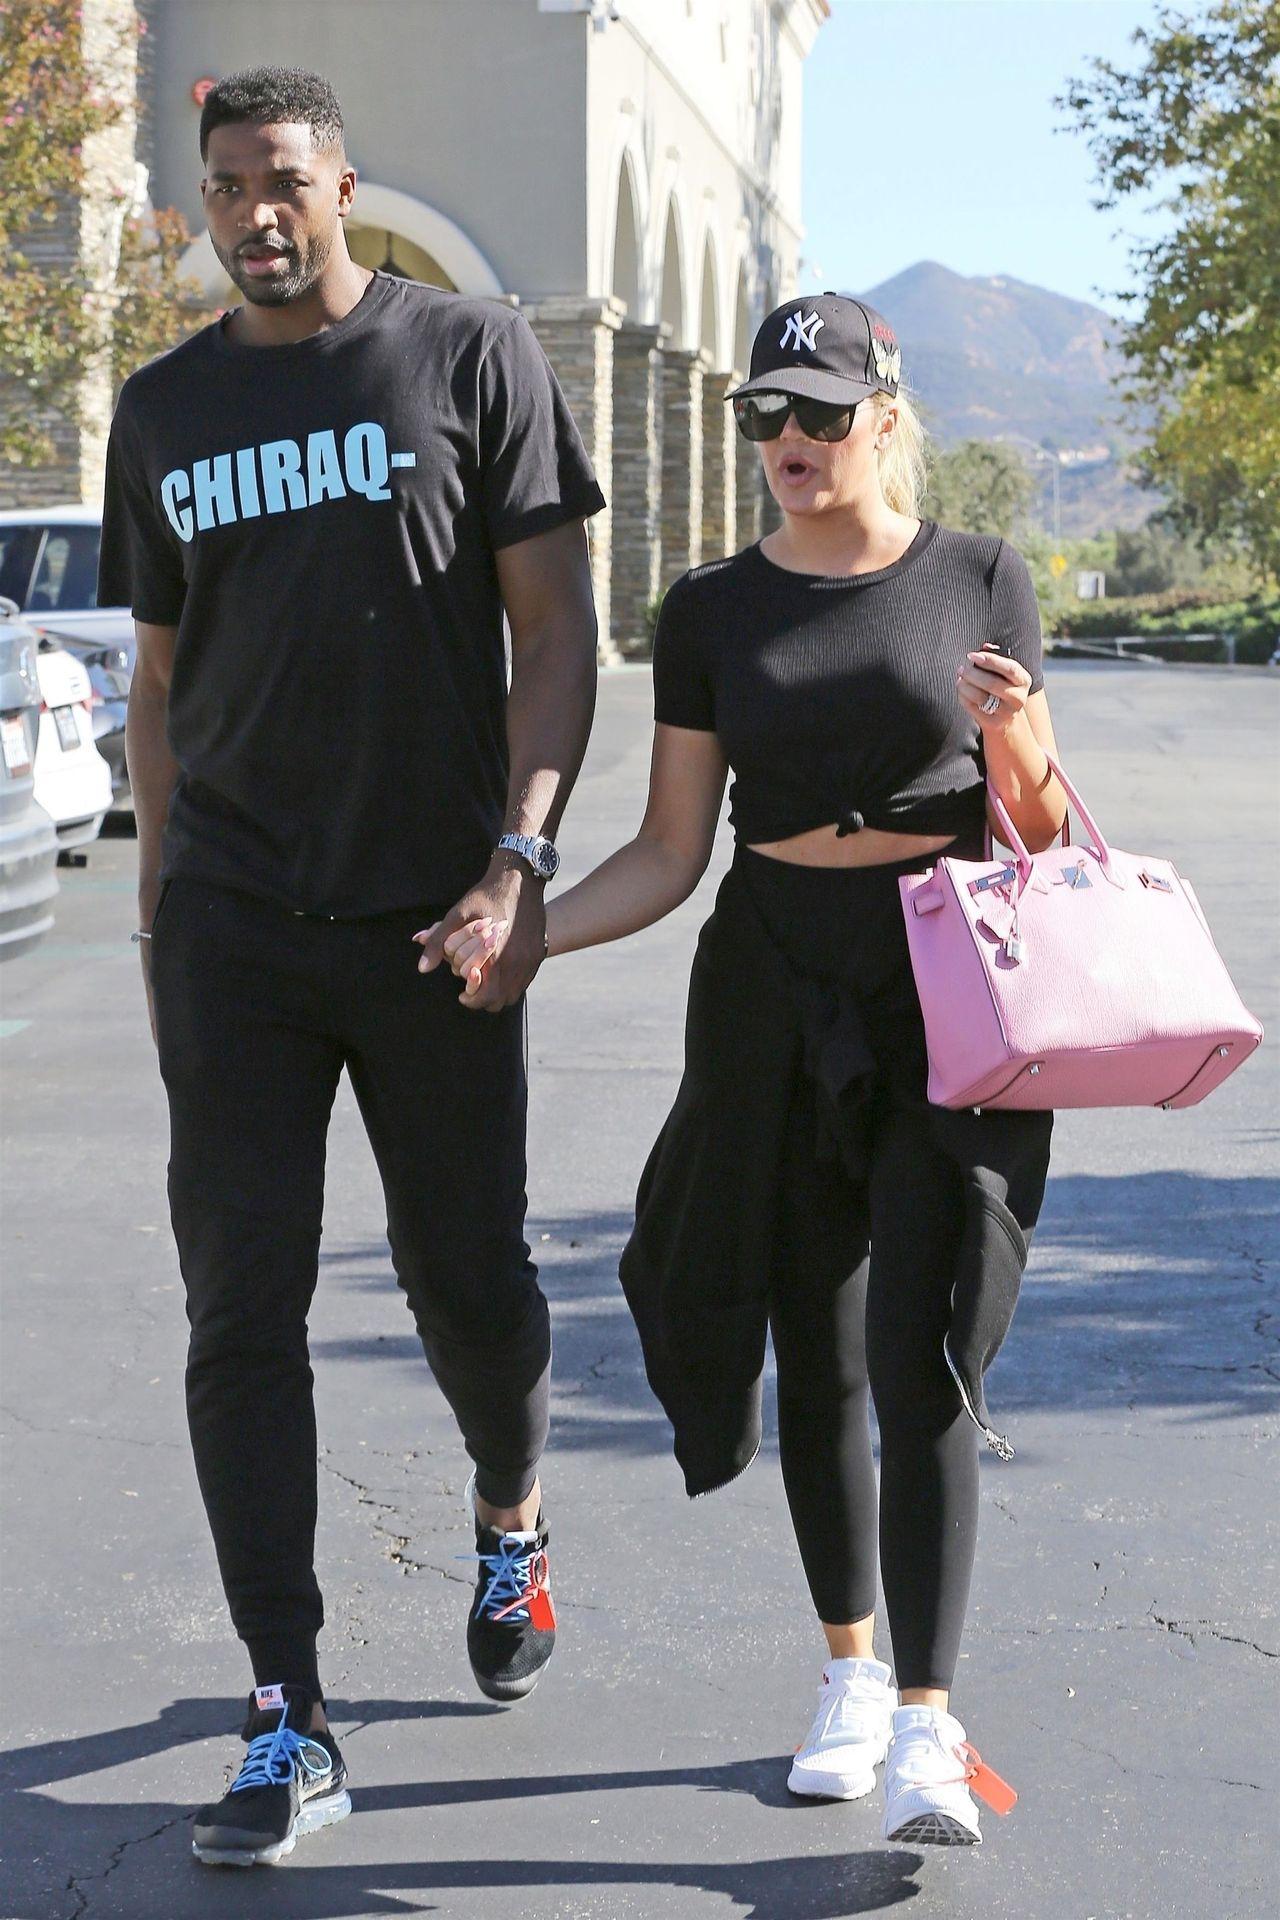 *EXCLUSIVE* Khloe Kardashian and Tristan Thompson out to see 'White Boy Rick' Khloe Kardashian, Tristan Thompson